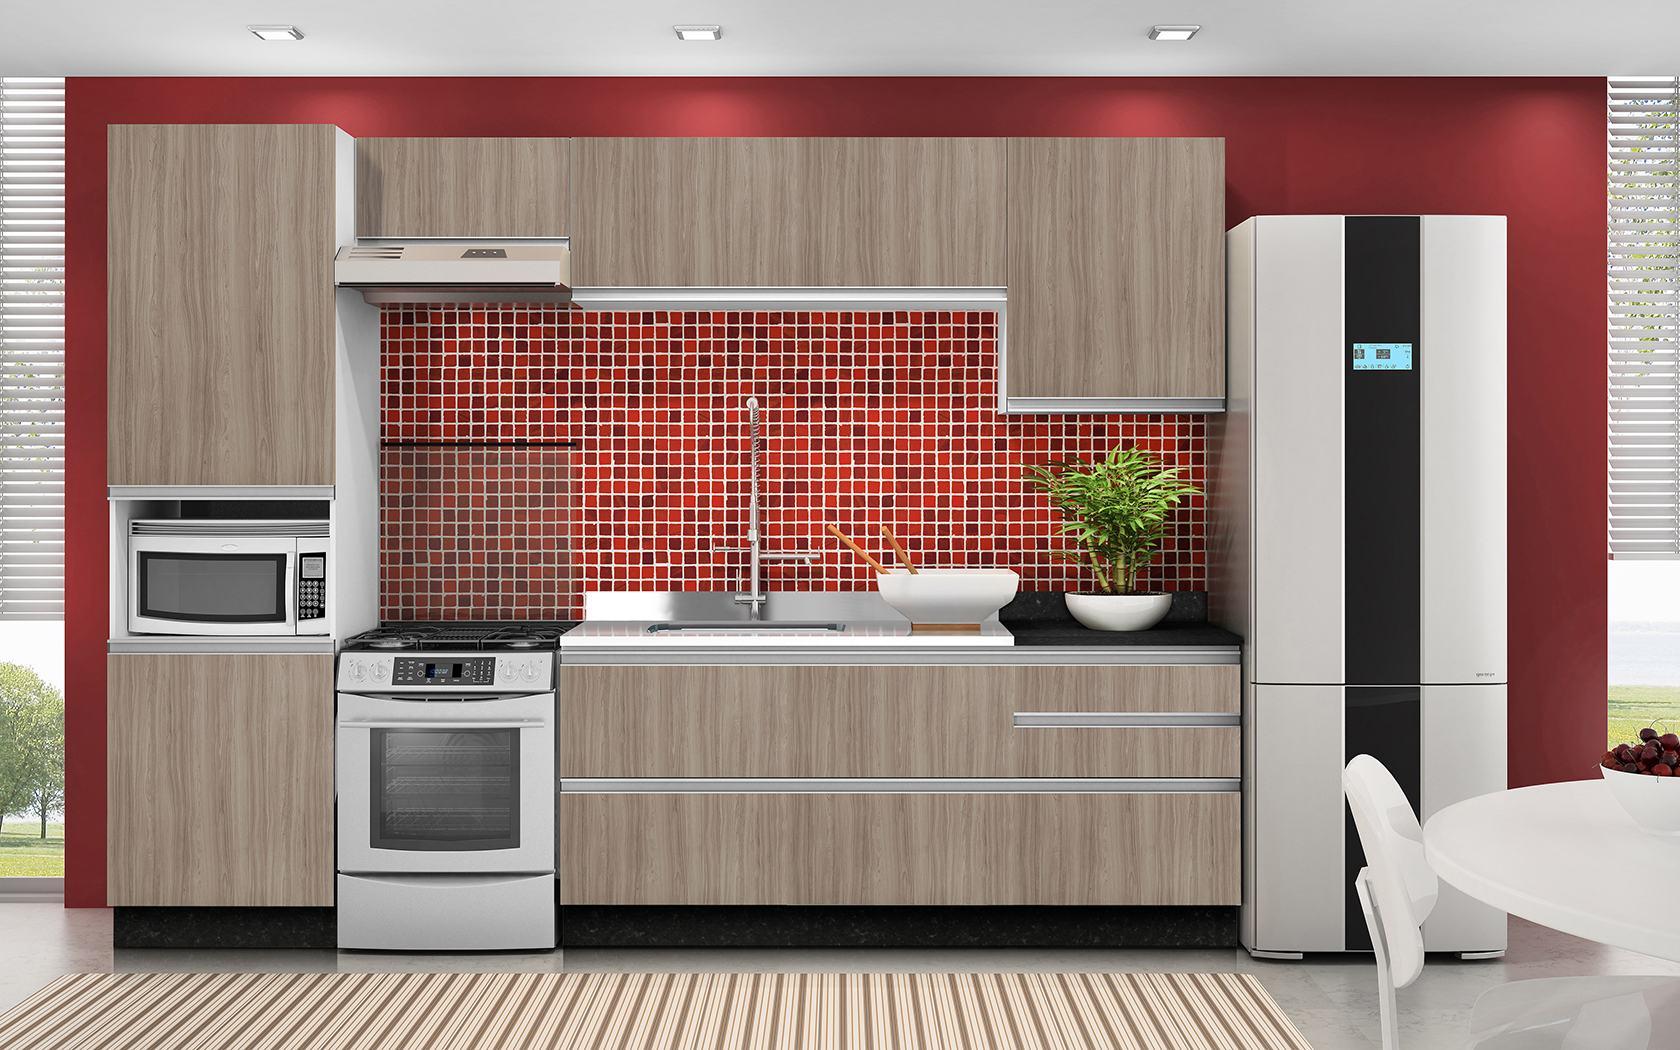 Cozinha Planejada Completa Cool Cozinha Completa Itatiaia With